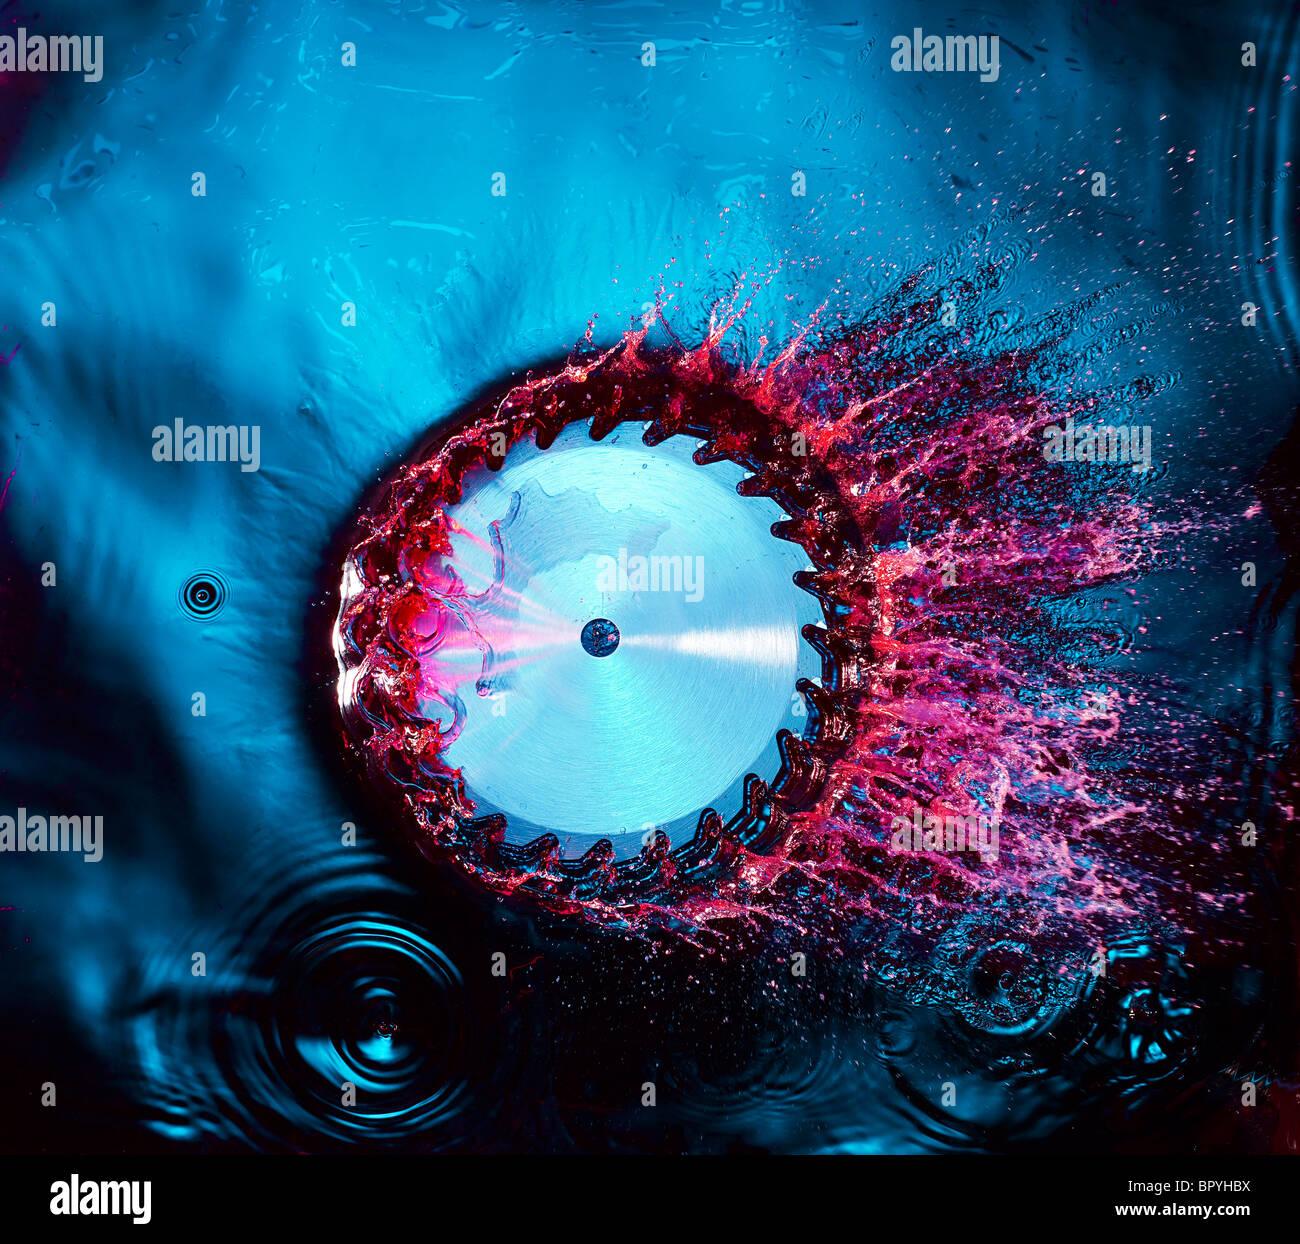 saw splashing in blue water Stock Photo